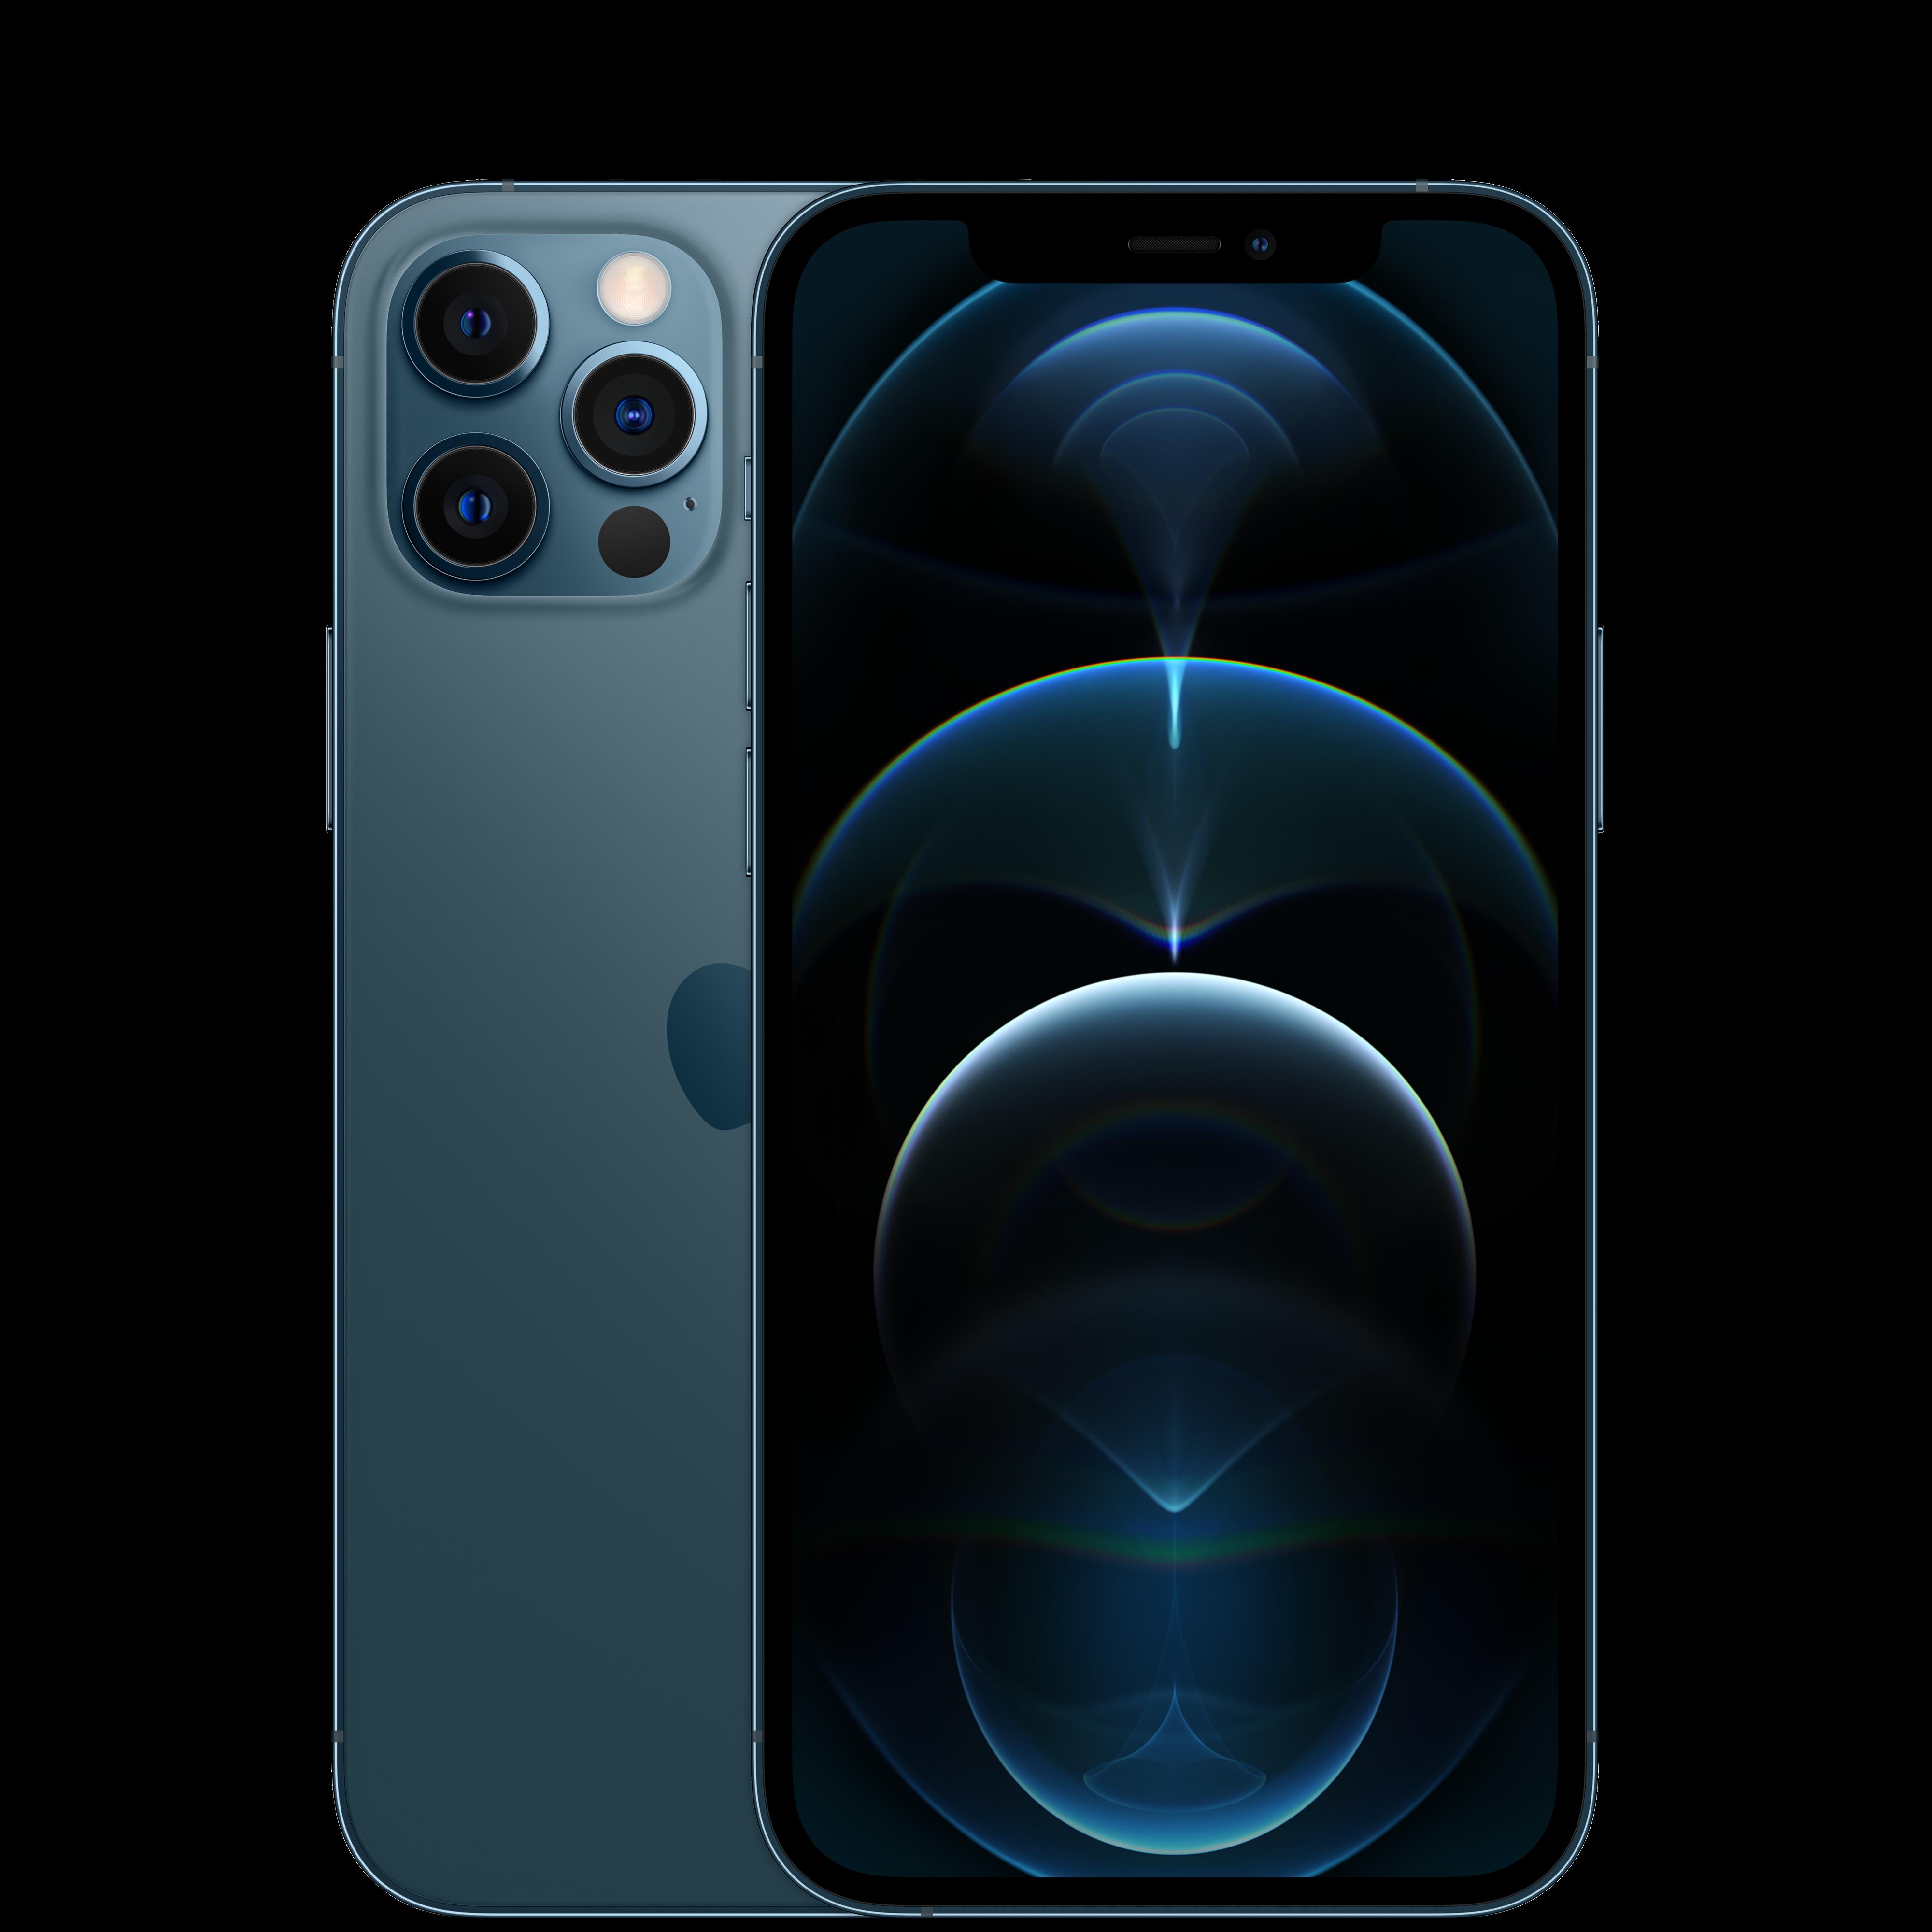 Điện Thoại iphone 12 Pro Max 512GB chính hãng LL/A